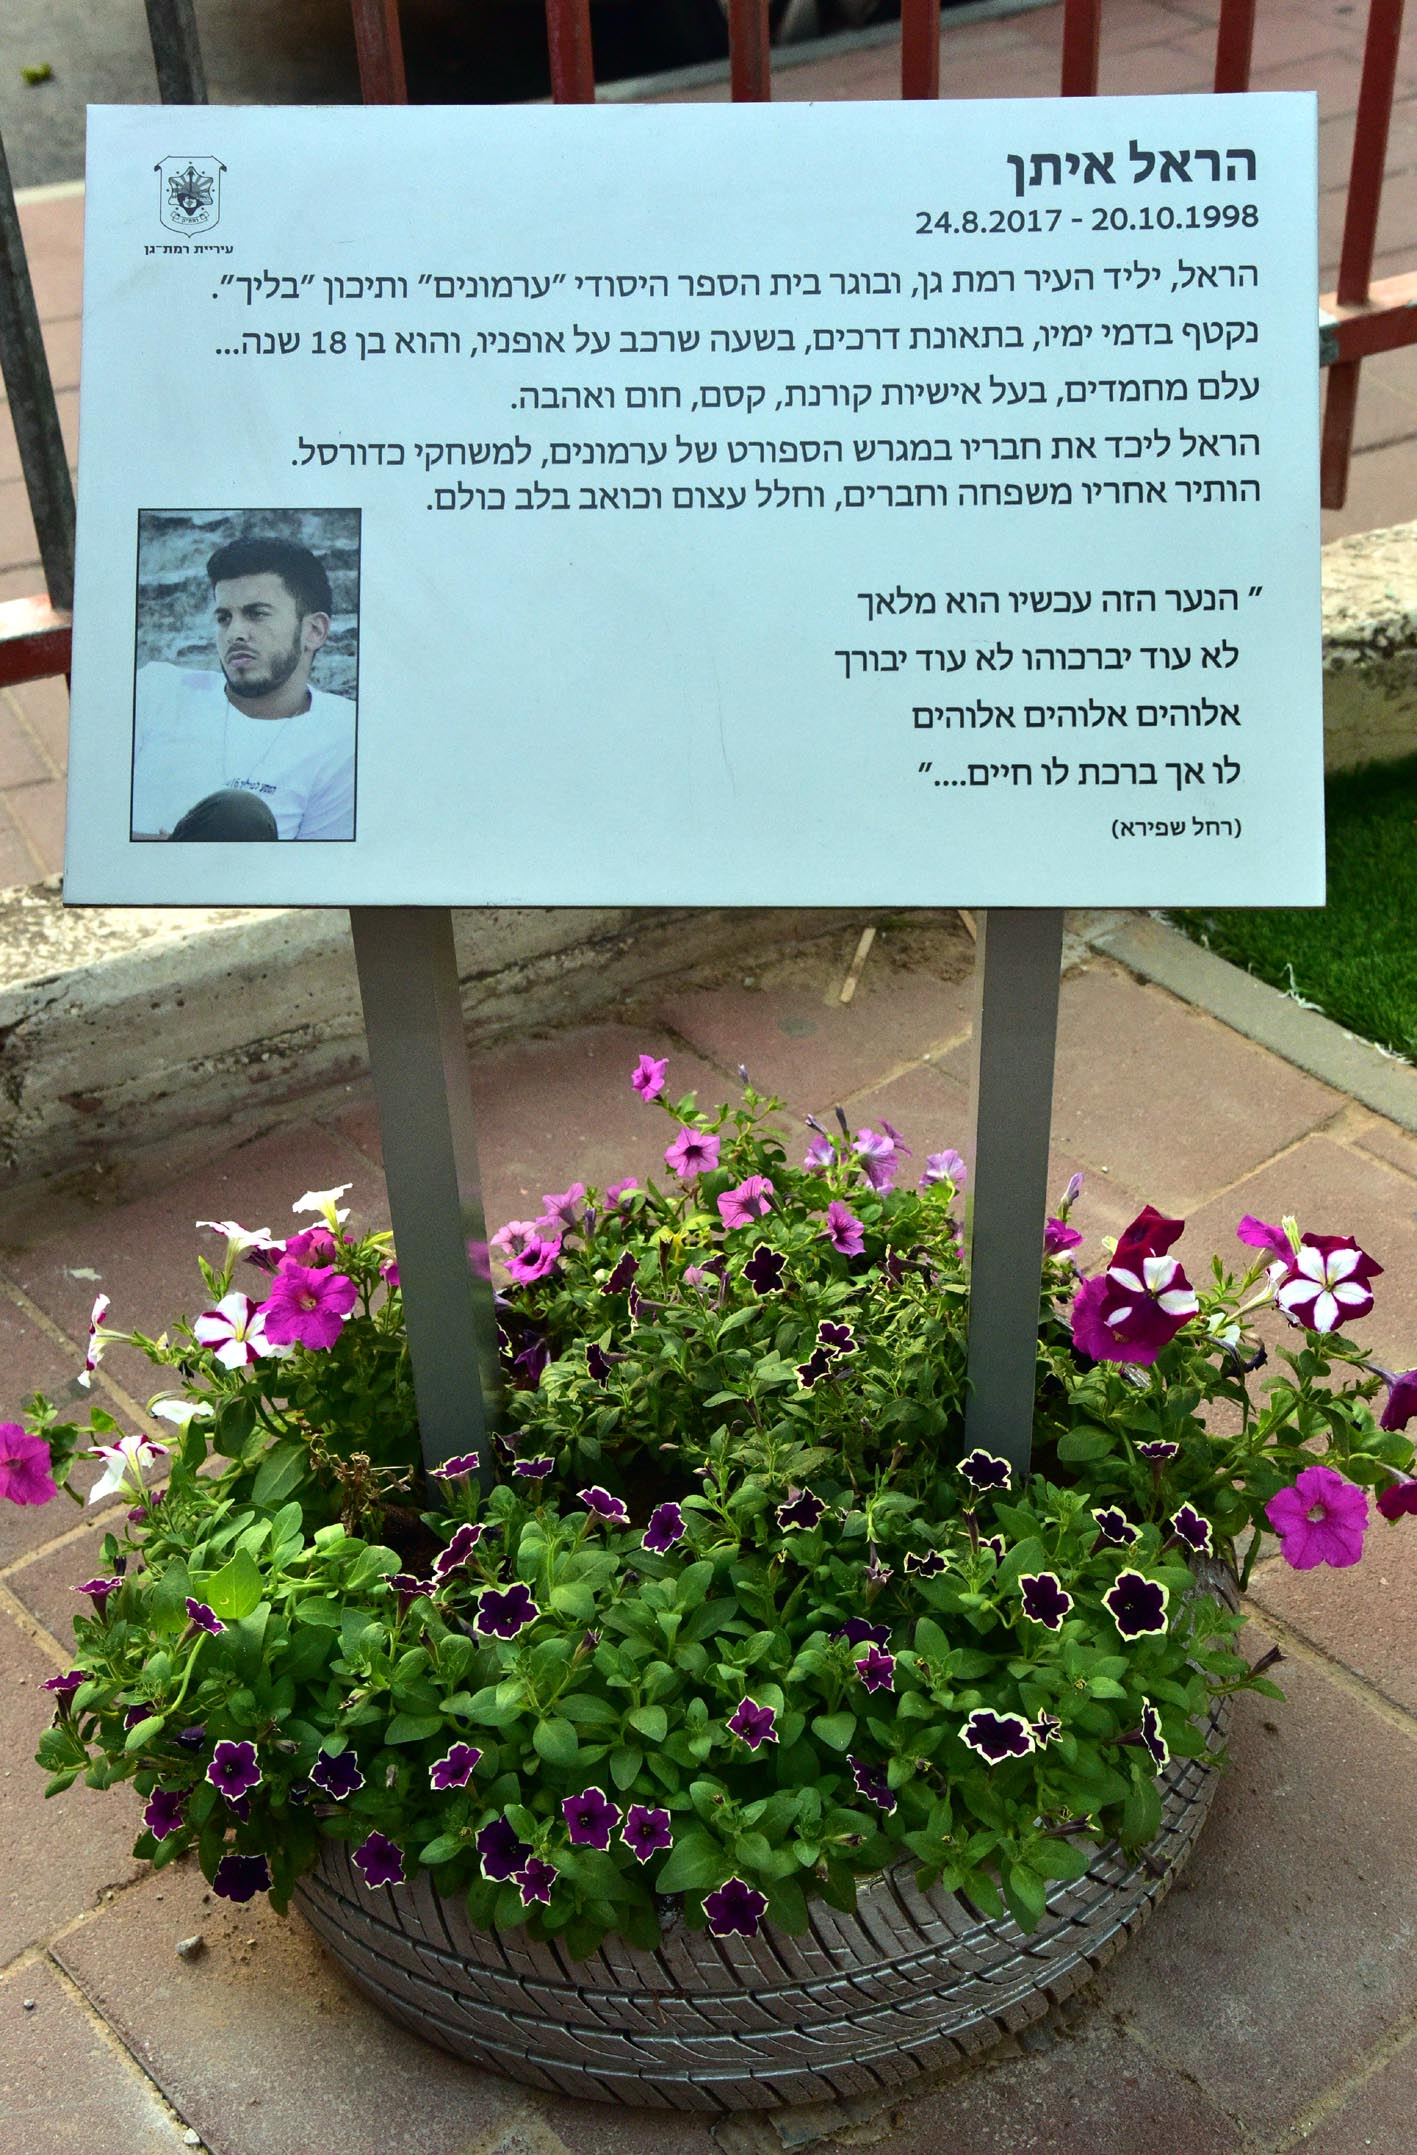 טקס הנצחת הראל איתן בבית ספר ערמונים. צילום: ישראל מלובני